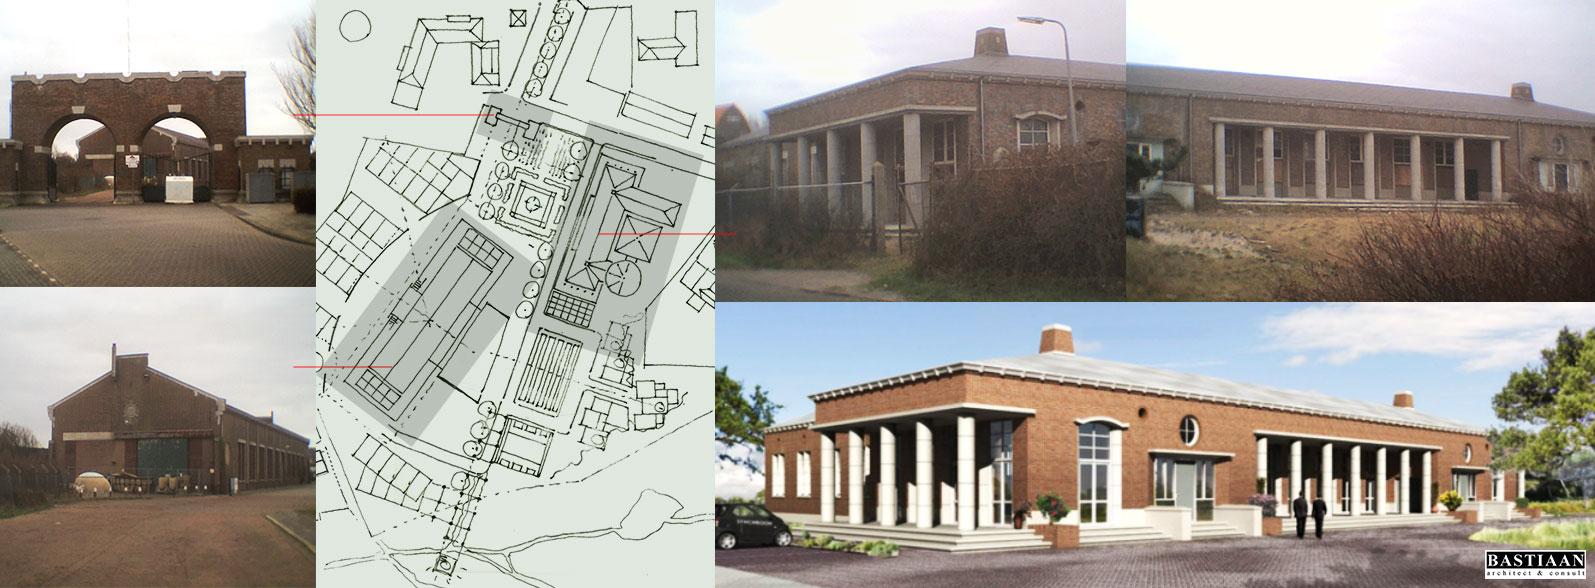 gebiedsontwikkeling | rijksmonumentenstedenbouw | architectuur | restauratie